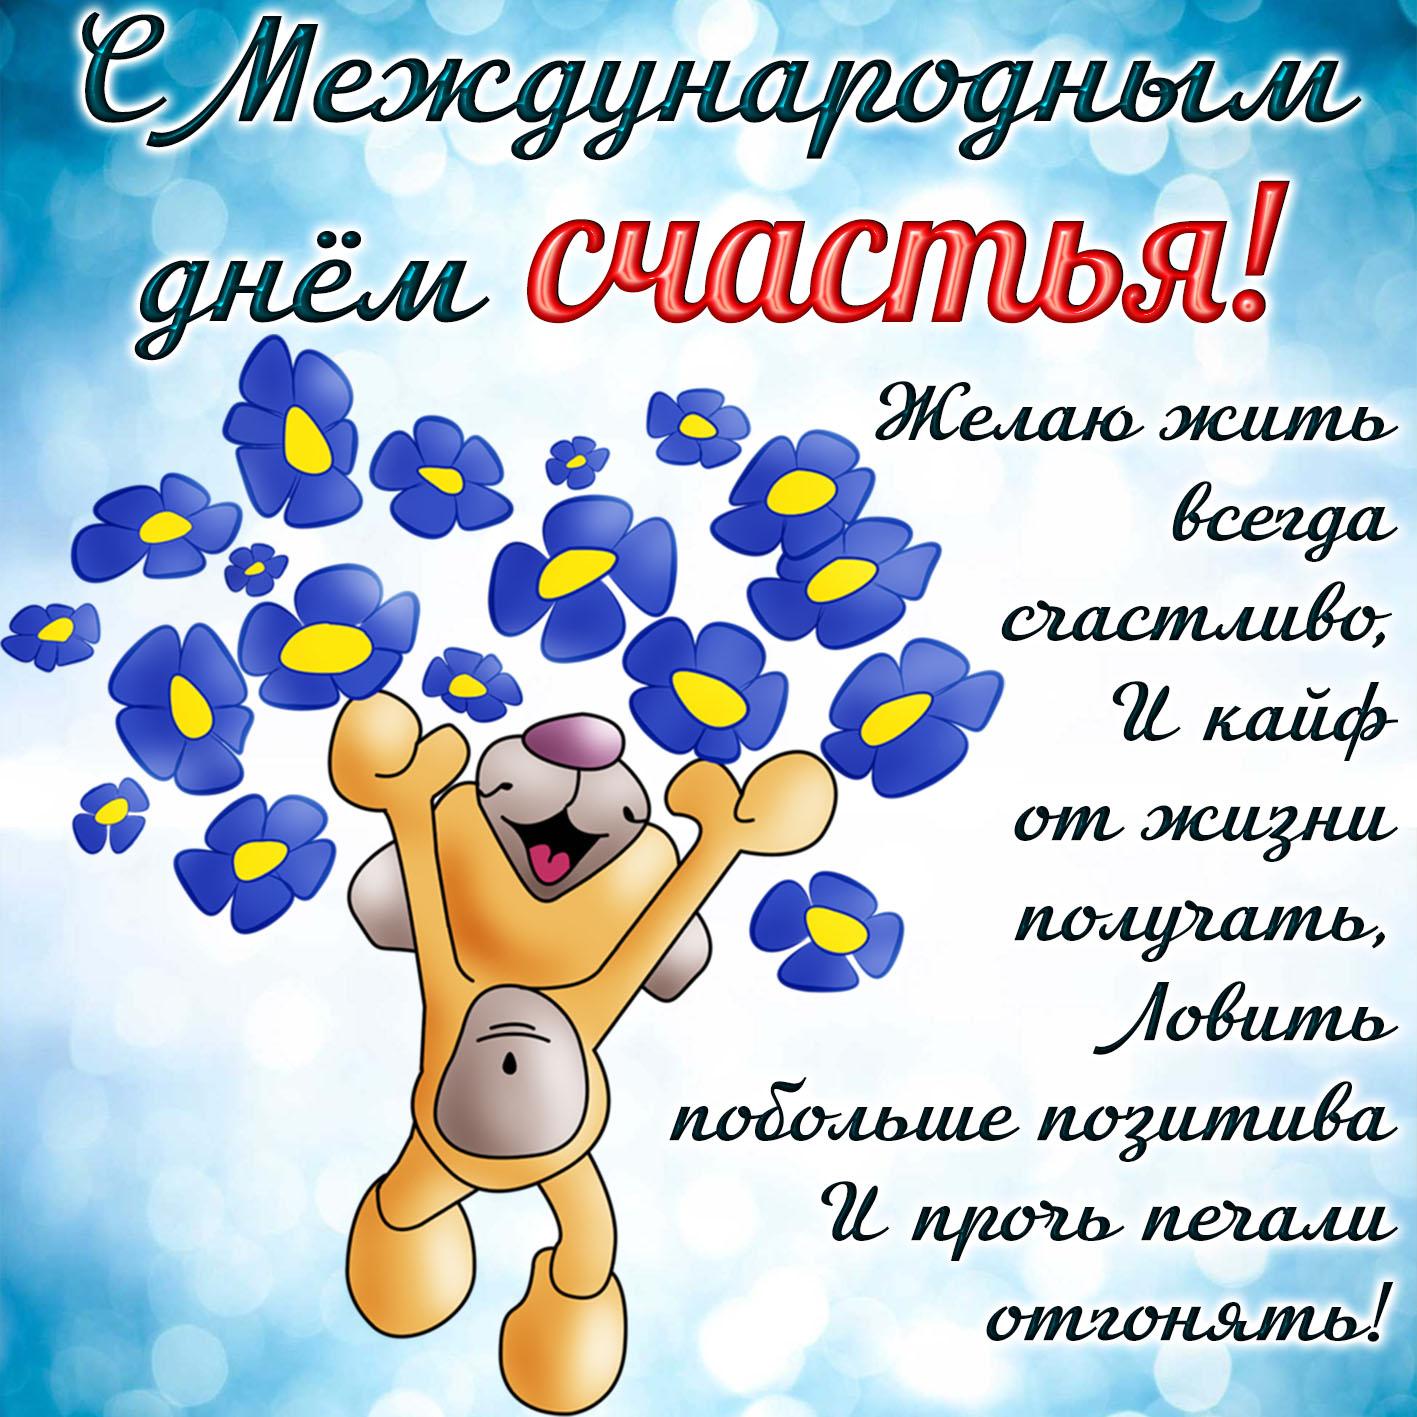 Открытка - пожелание на Международный День счастья